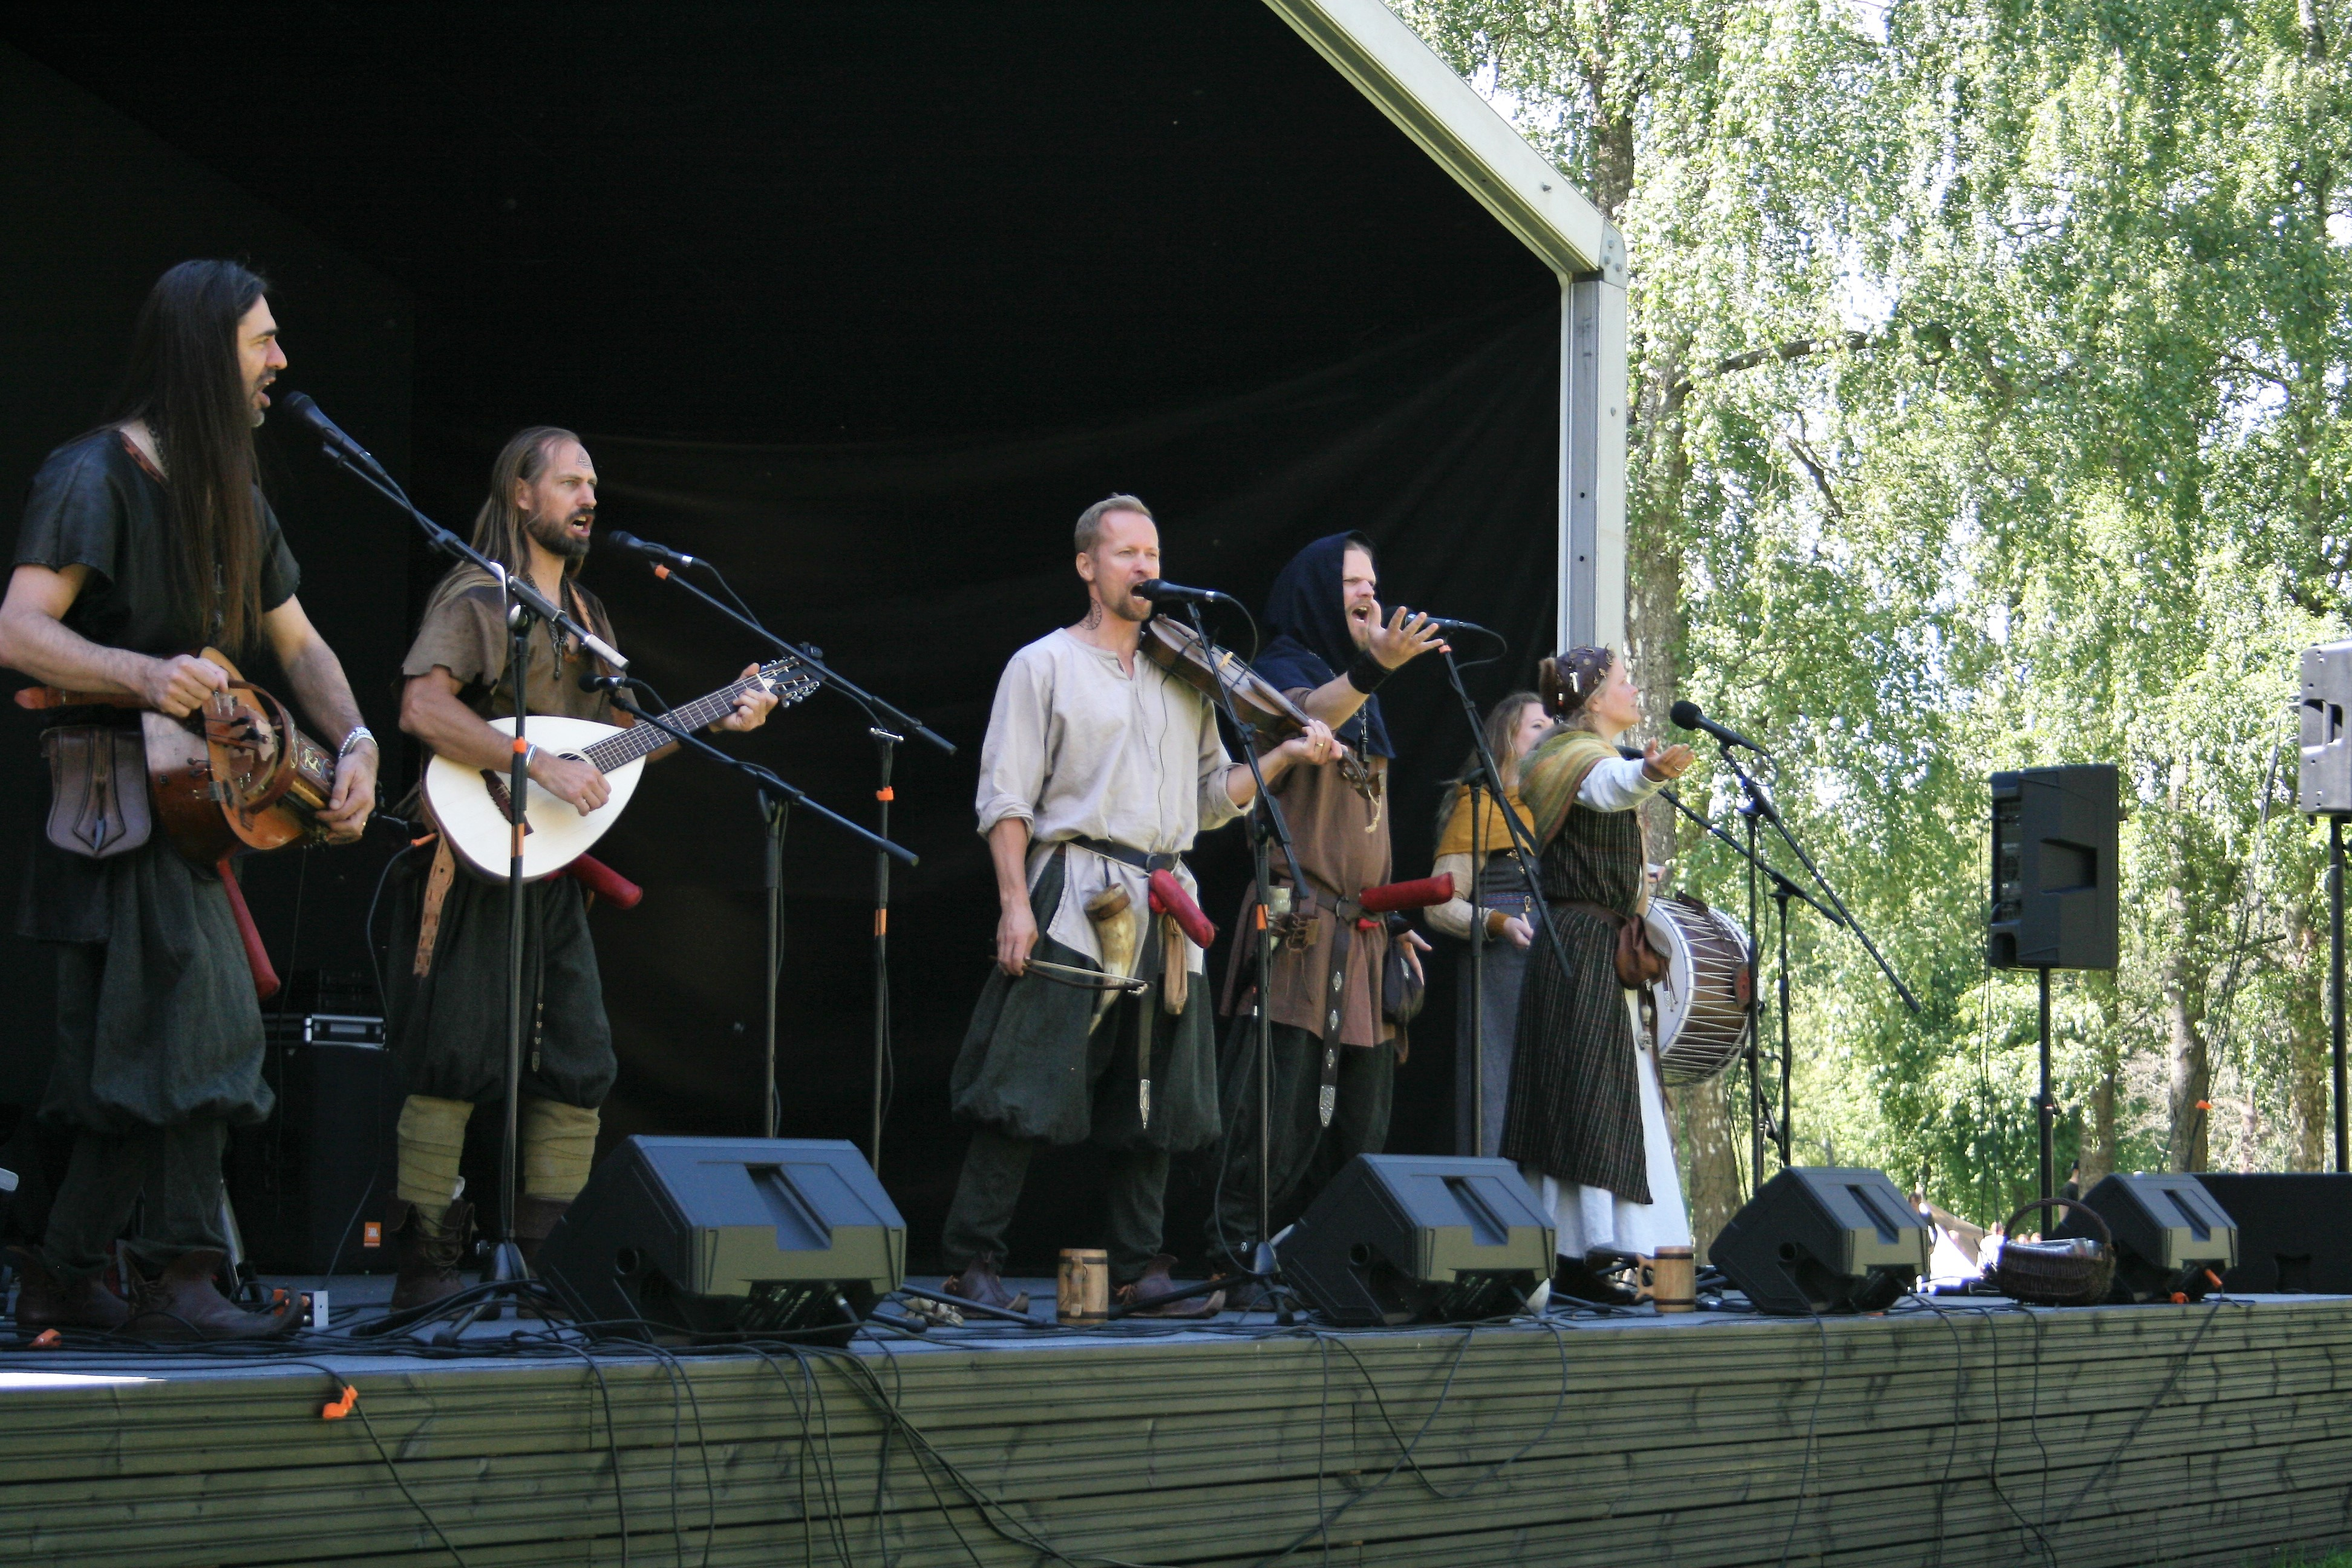 Viikinkibändi Medvind esiintyi Muinainen Laukko -festivaalissa. Kuva: Antti Raunio